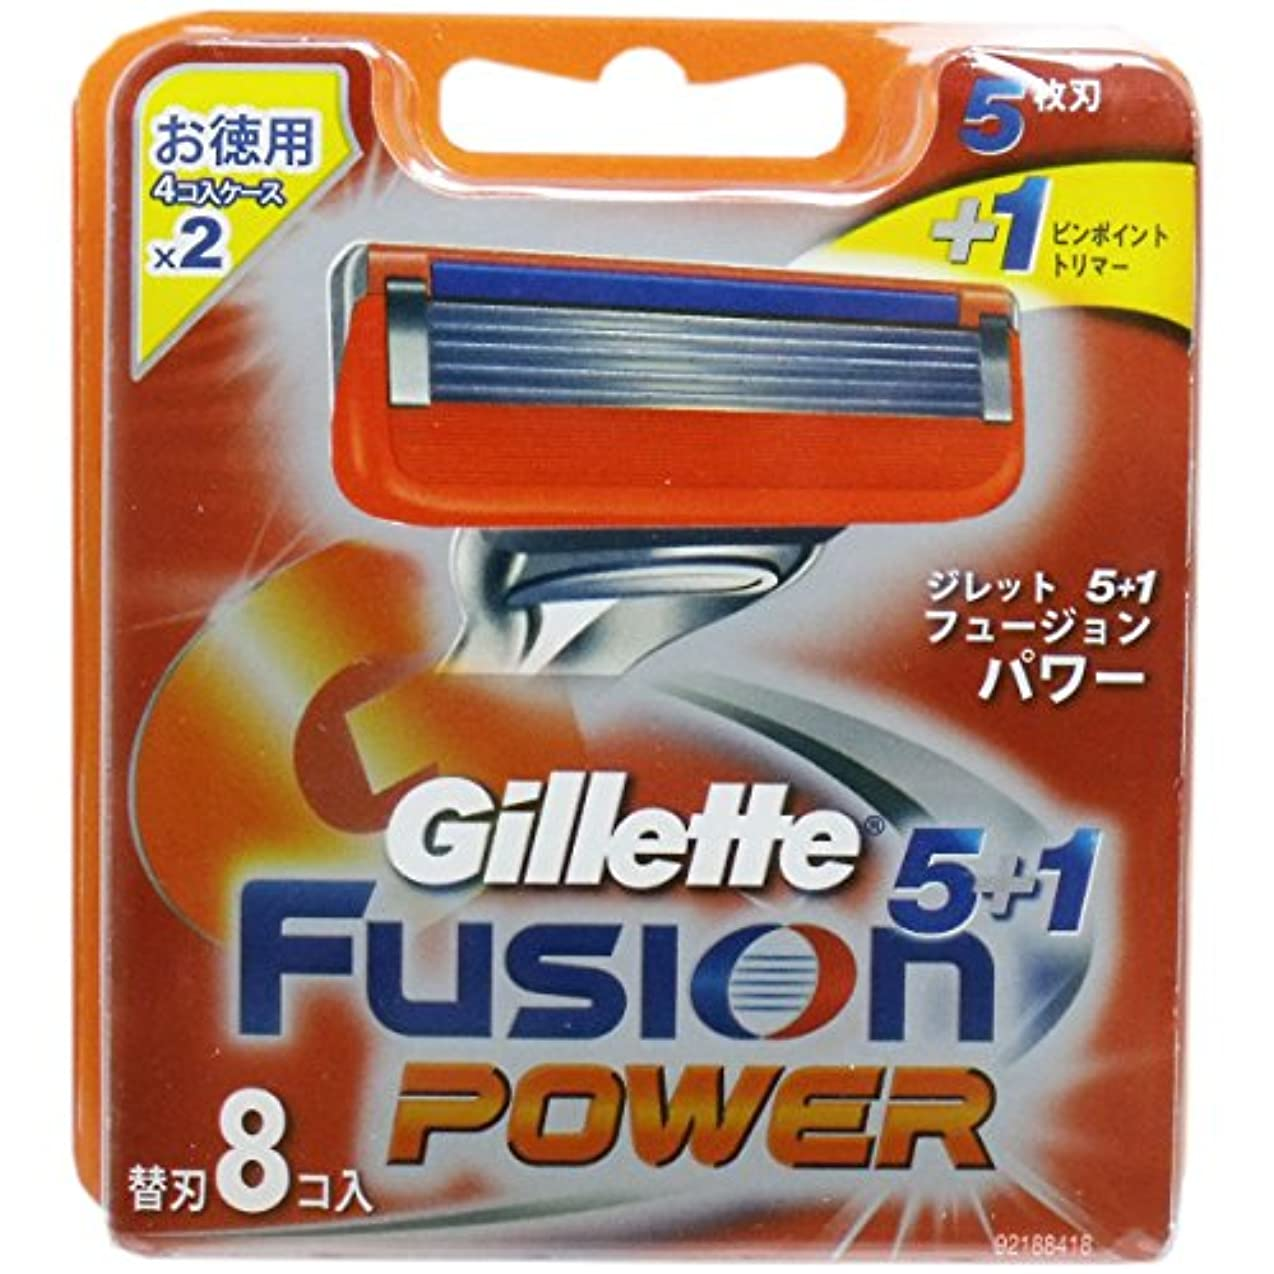 ジレット フュージョン5+1 パワー 替刃8個入×2個セット